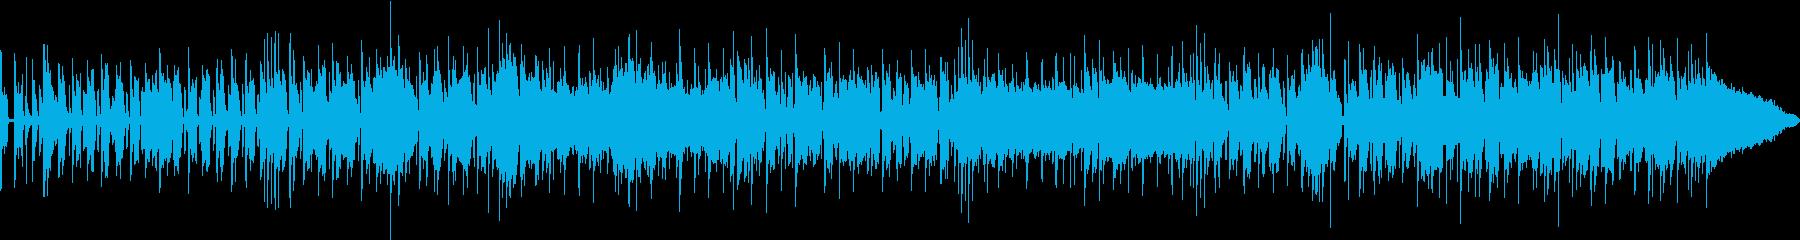 代替ジャムの再生済みの波形